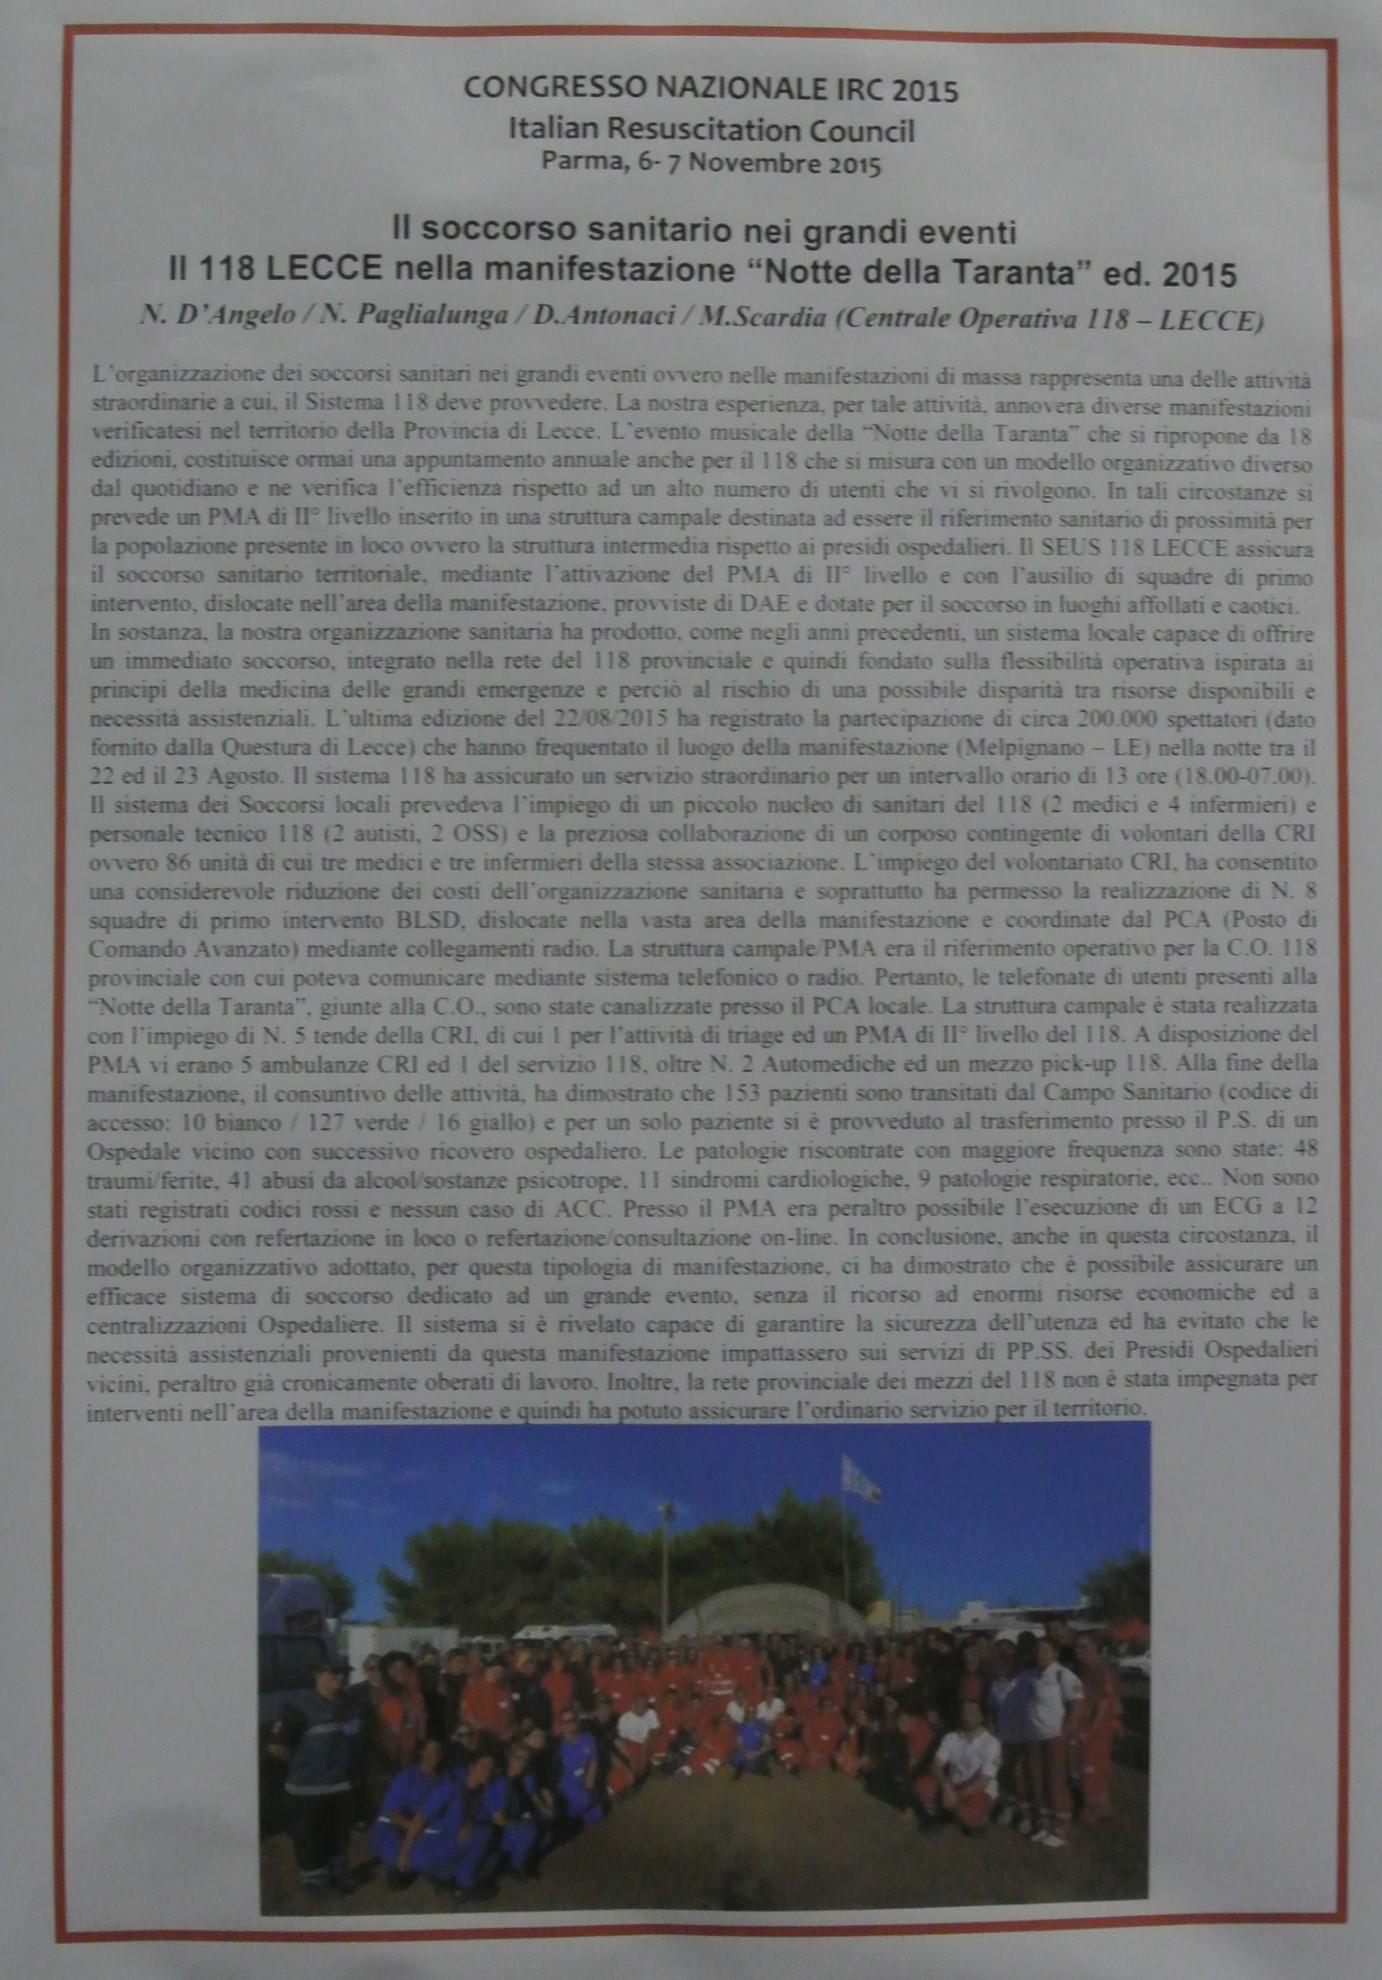 24-soccorso-grandi-eventi-118-taranta-dangelo-paglialunga-antoniaci-scardia